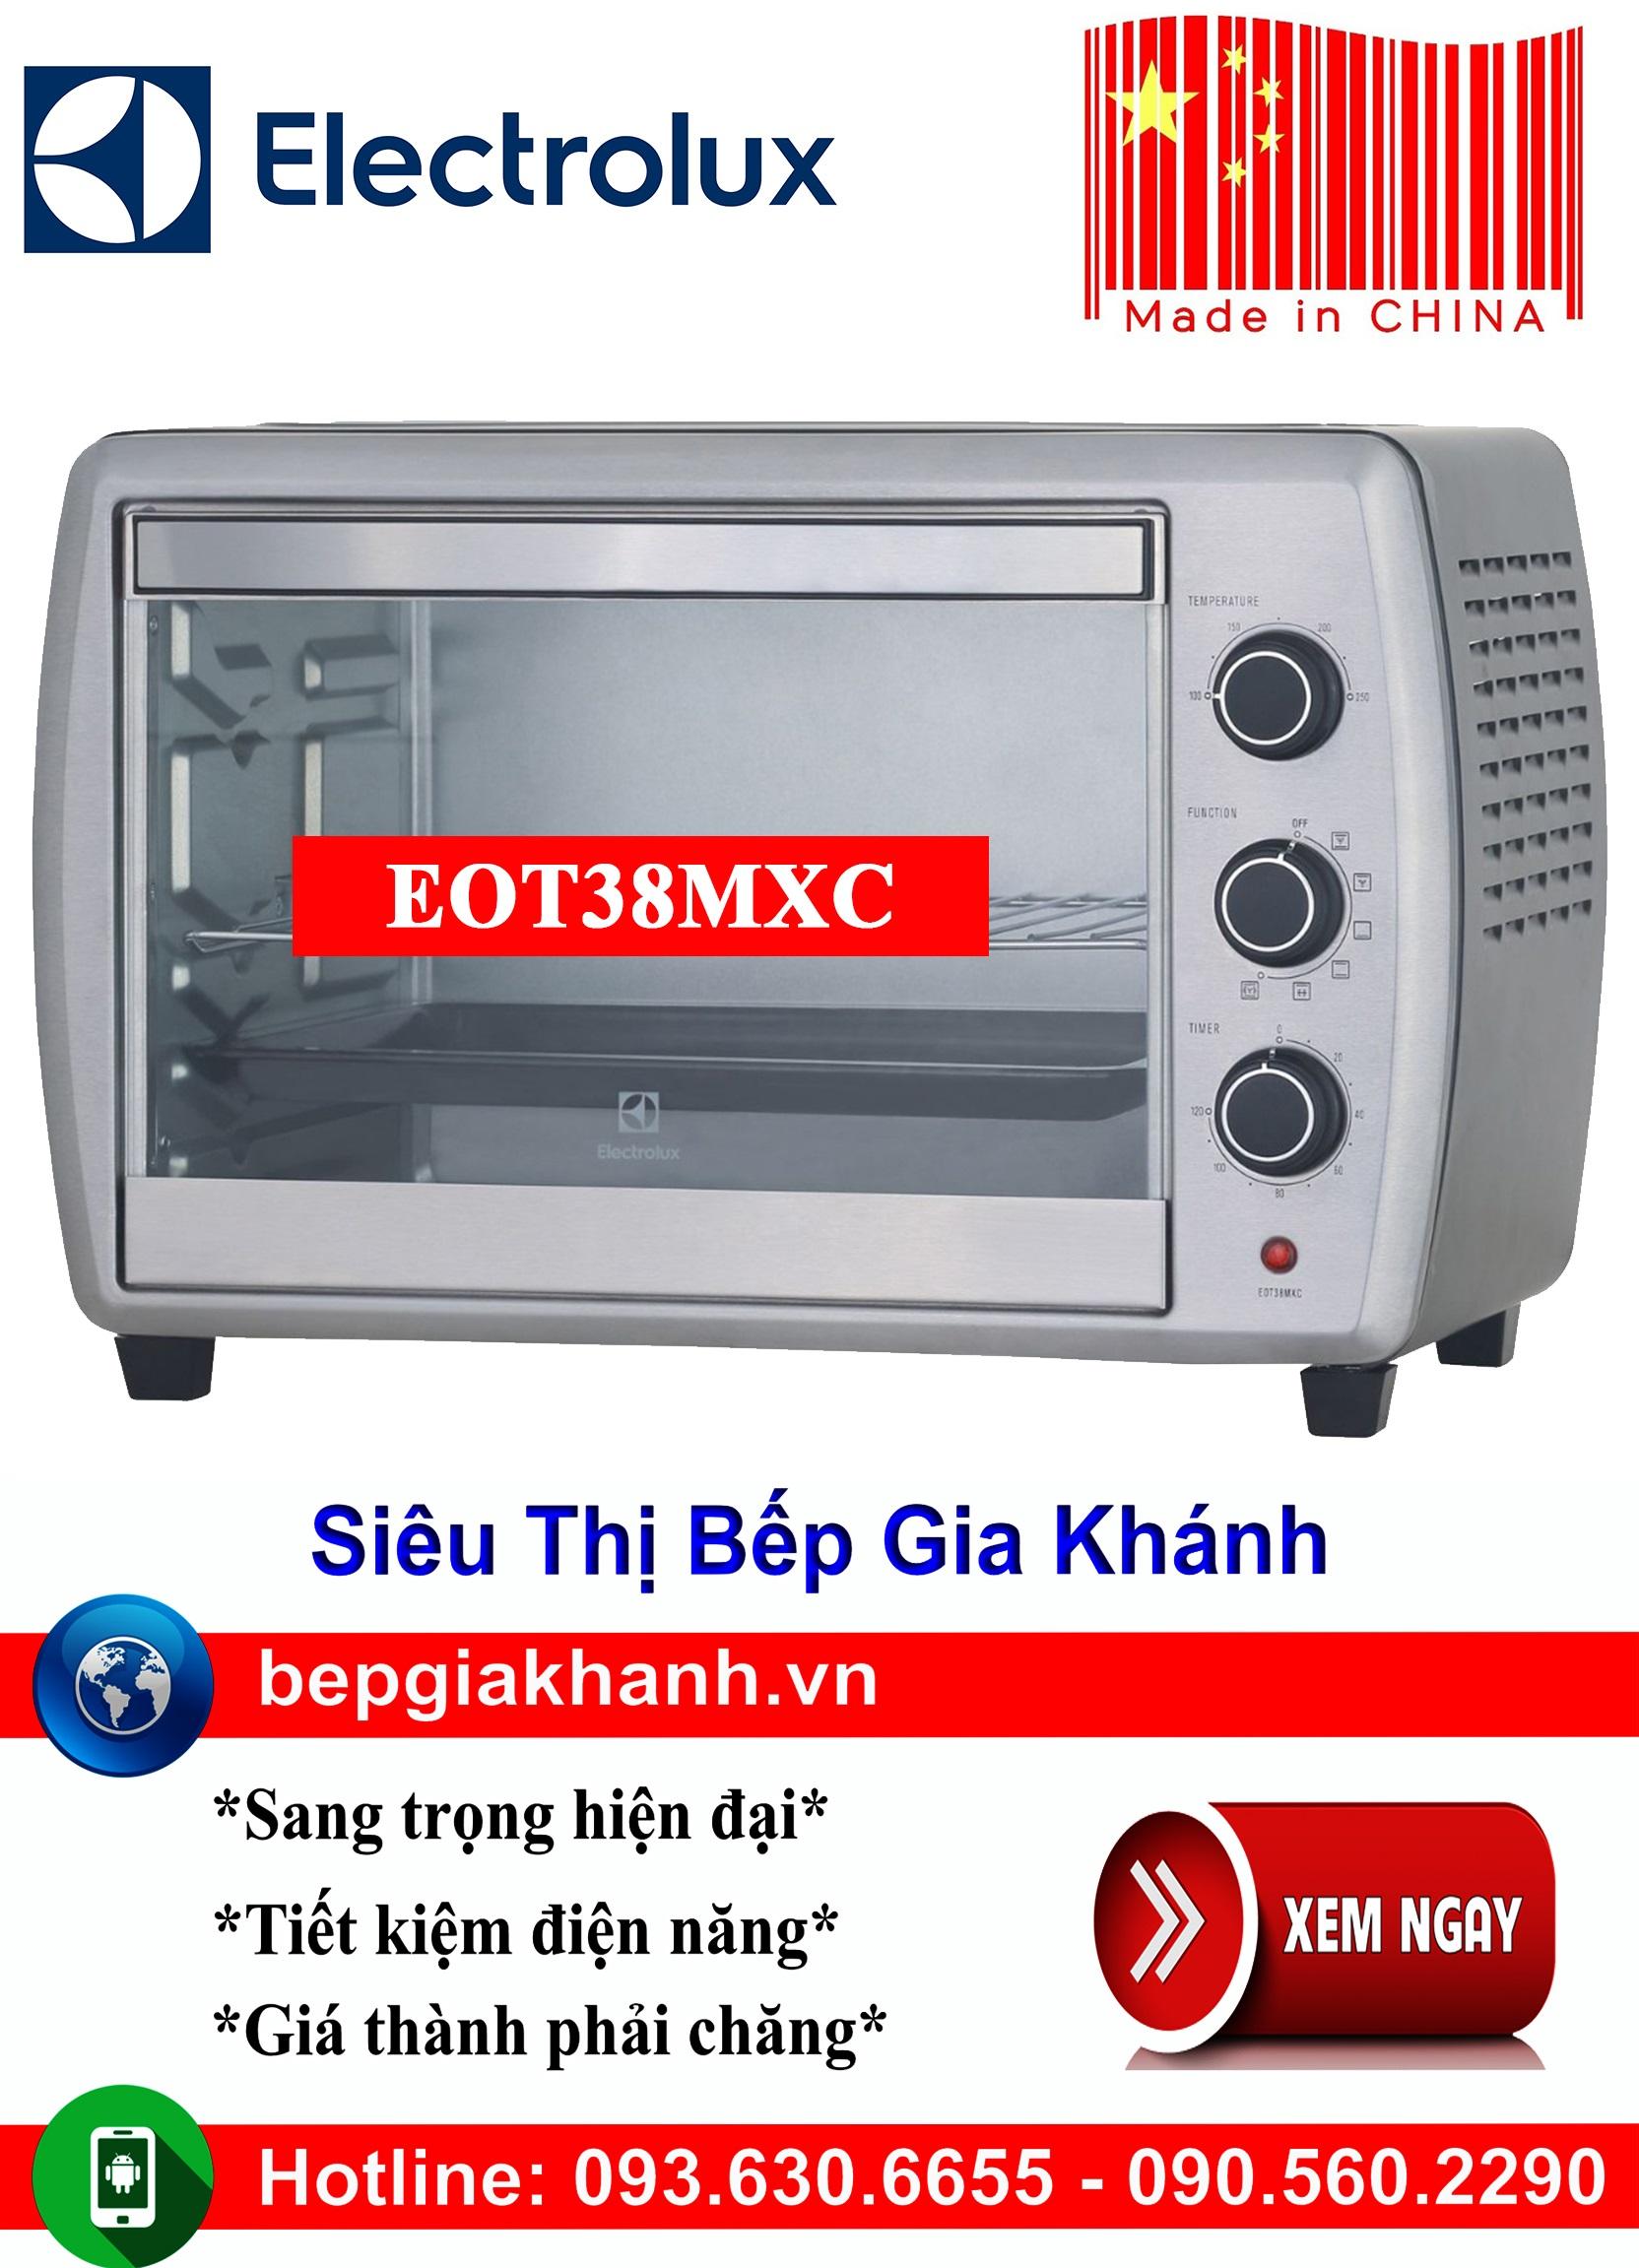 Lò nướng để bàn Electrolux EOT38MXC sản xuất Trung Quốc, lò nướng, lò nướng điện, lò nướng điện đa năng, lò nướng mini, lò nướng bánh, lò nướng lock and lock, lo nuong, lo nuong dien da nang